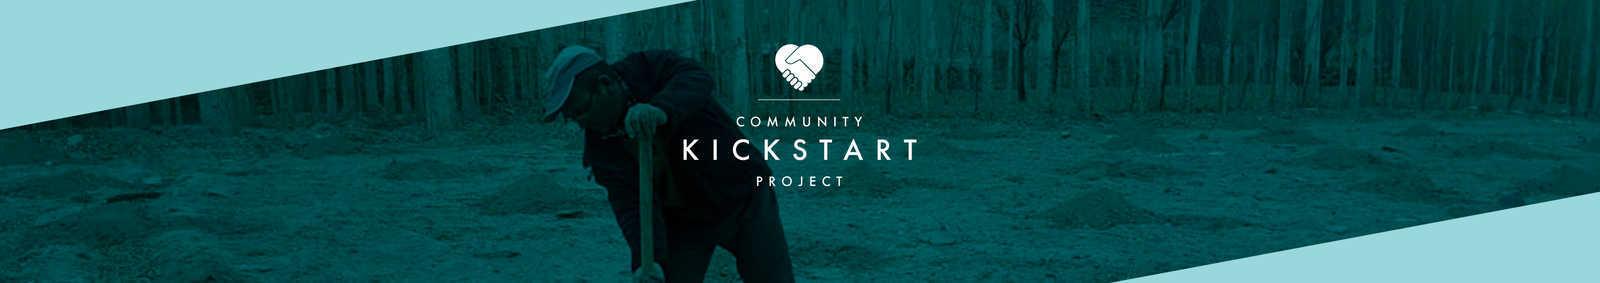 Kickstart project